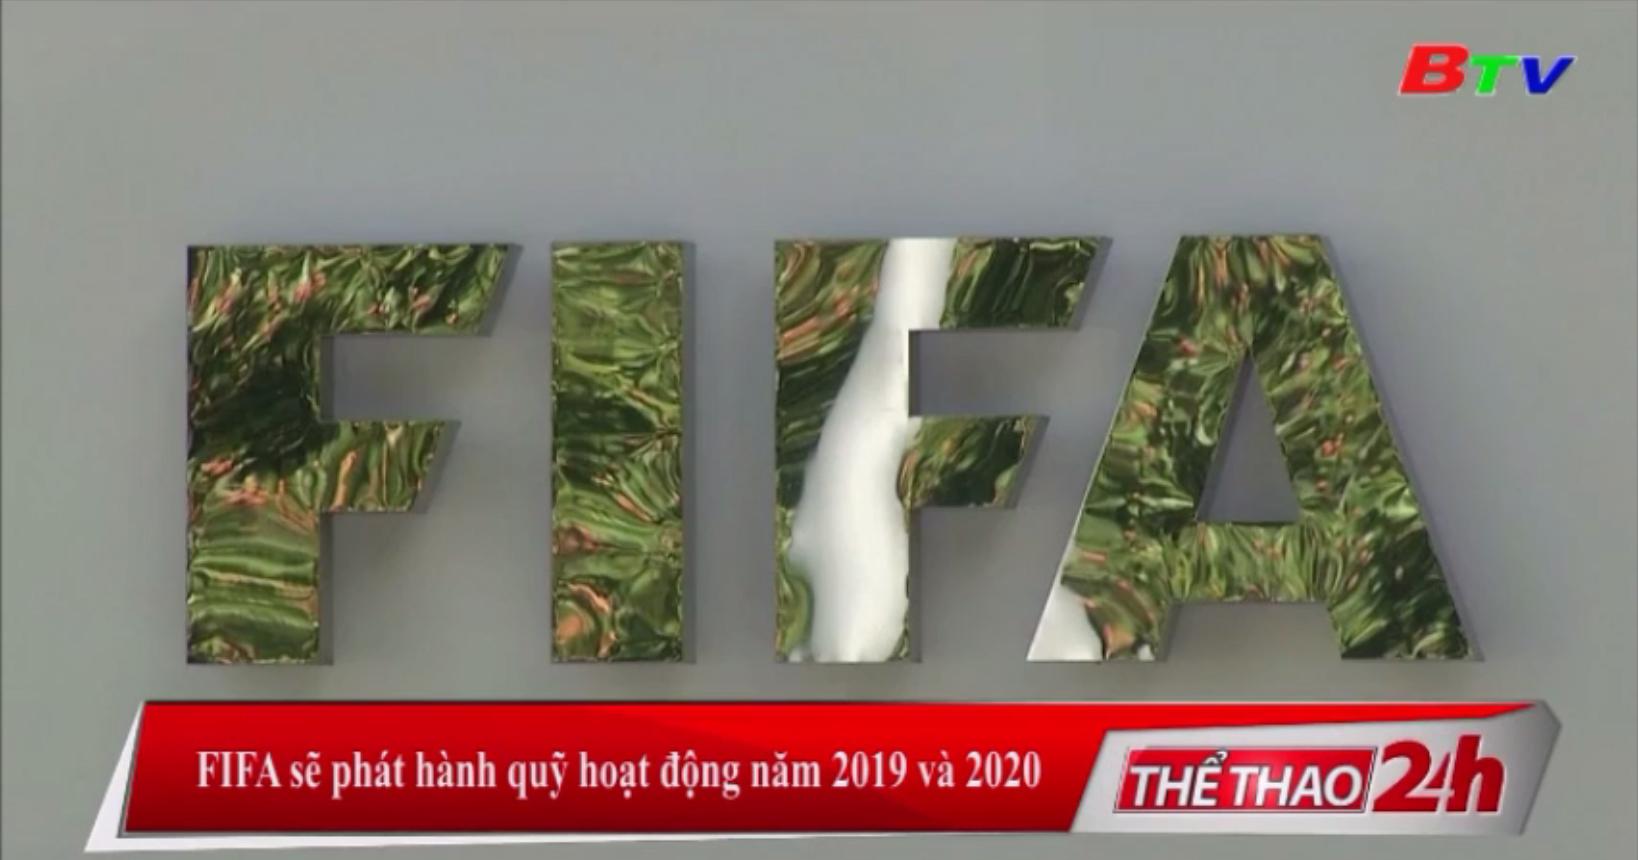 FIFA sẽ phát hành quỹ hoạt động năm 2019 và năm 2020